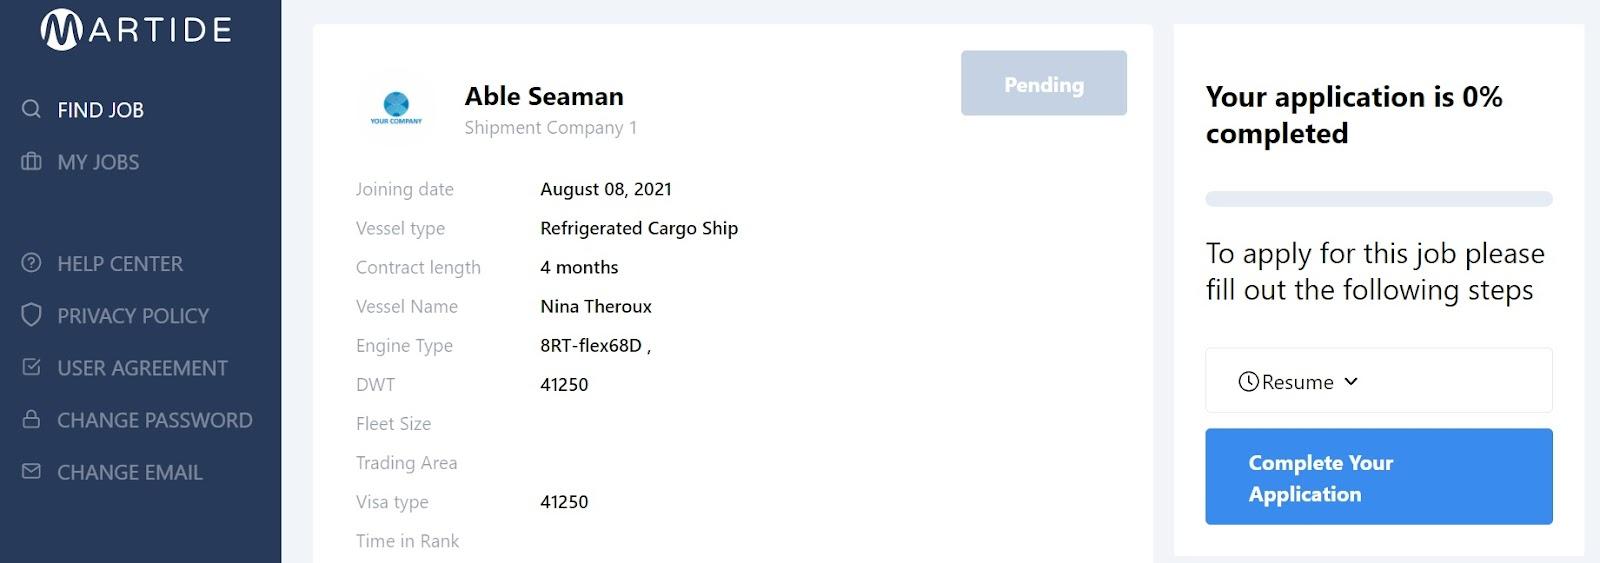 screenshot of a job on martide's maritime jobs site.